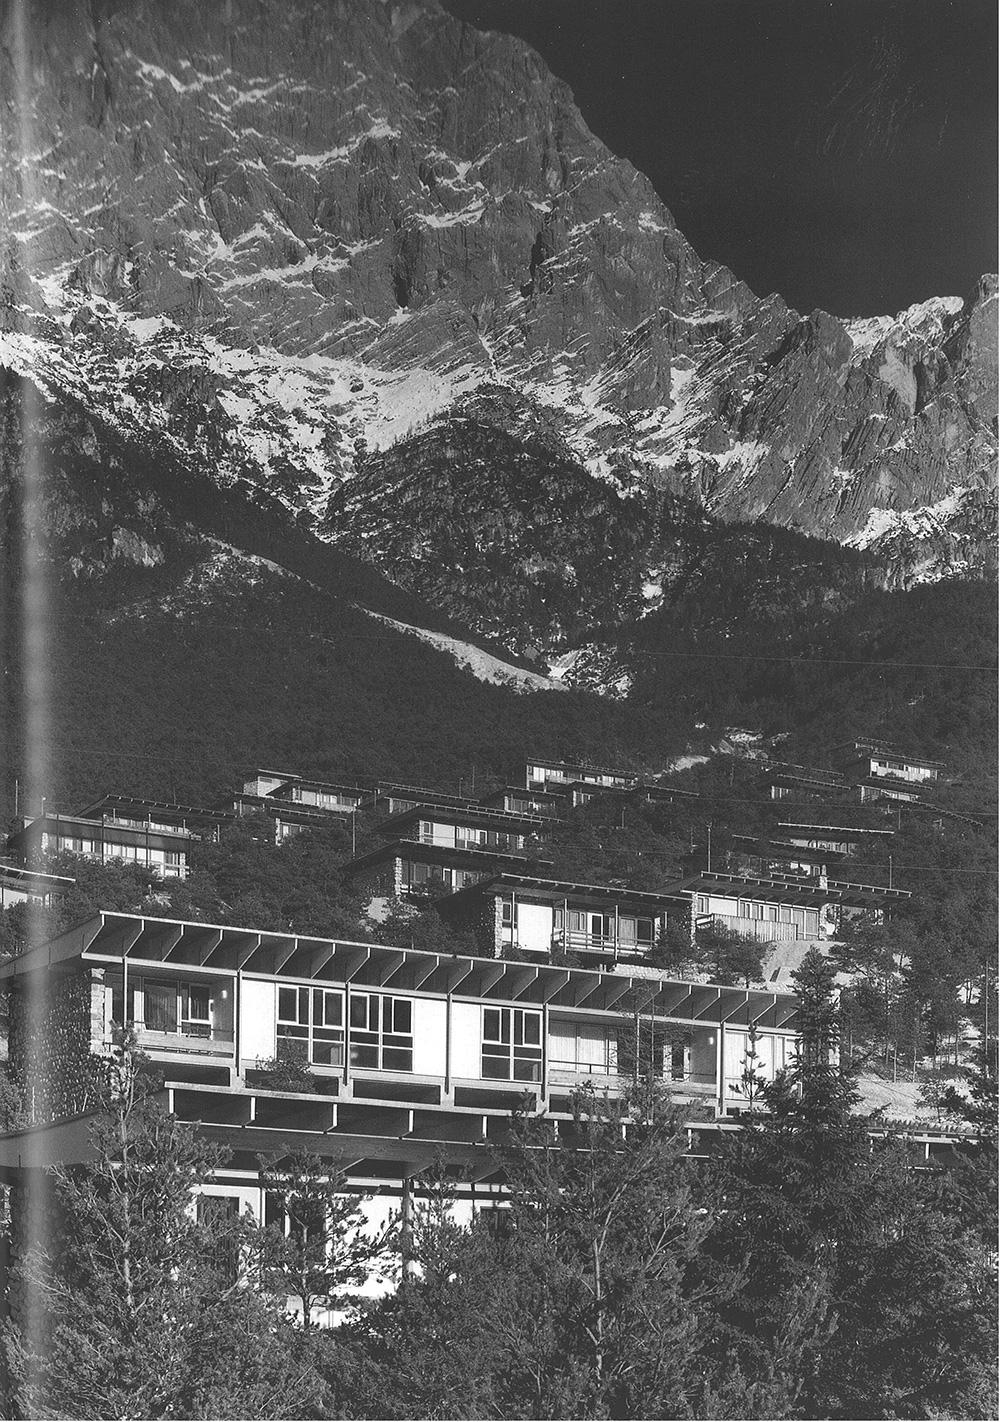 Architekt und Forscher in Cortina d'Ampezzo